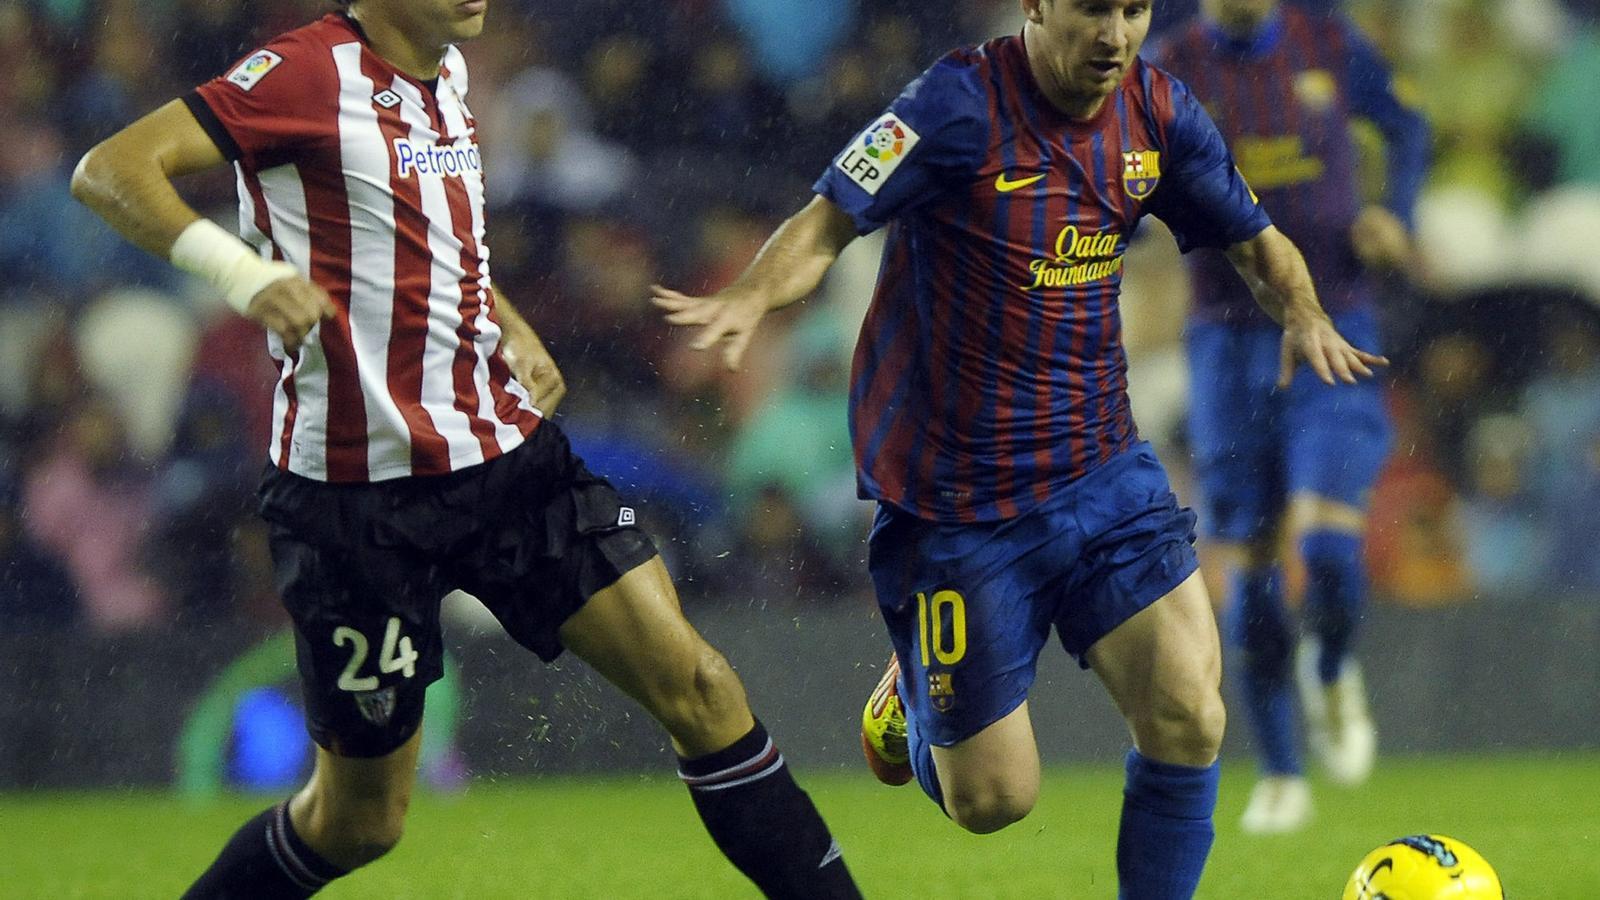 L'Athletic i el Barça encara no saben on es veuran les cares per jugar la final de la Copa del Rei.